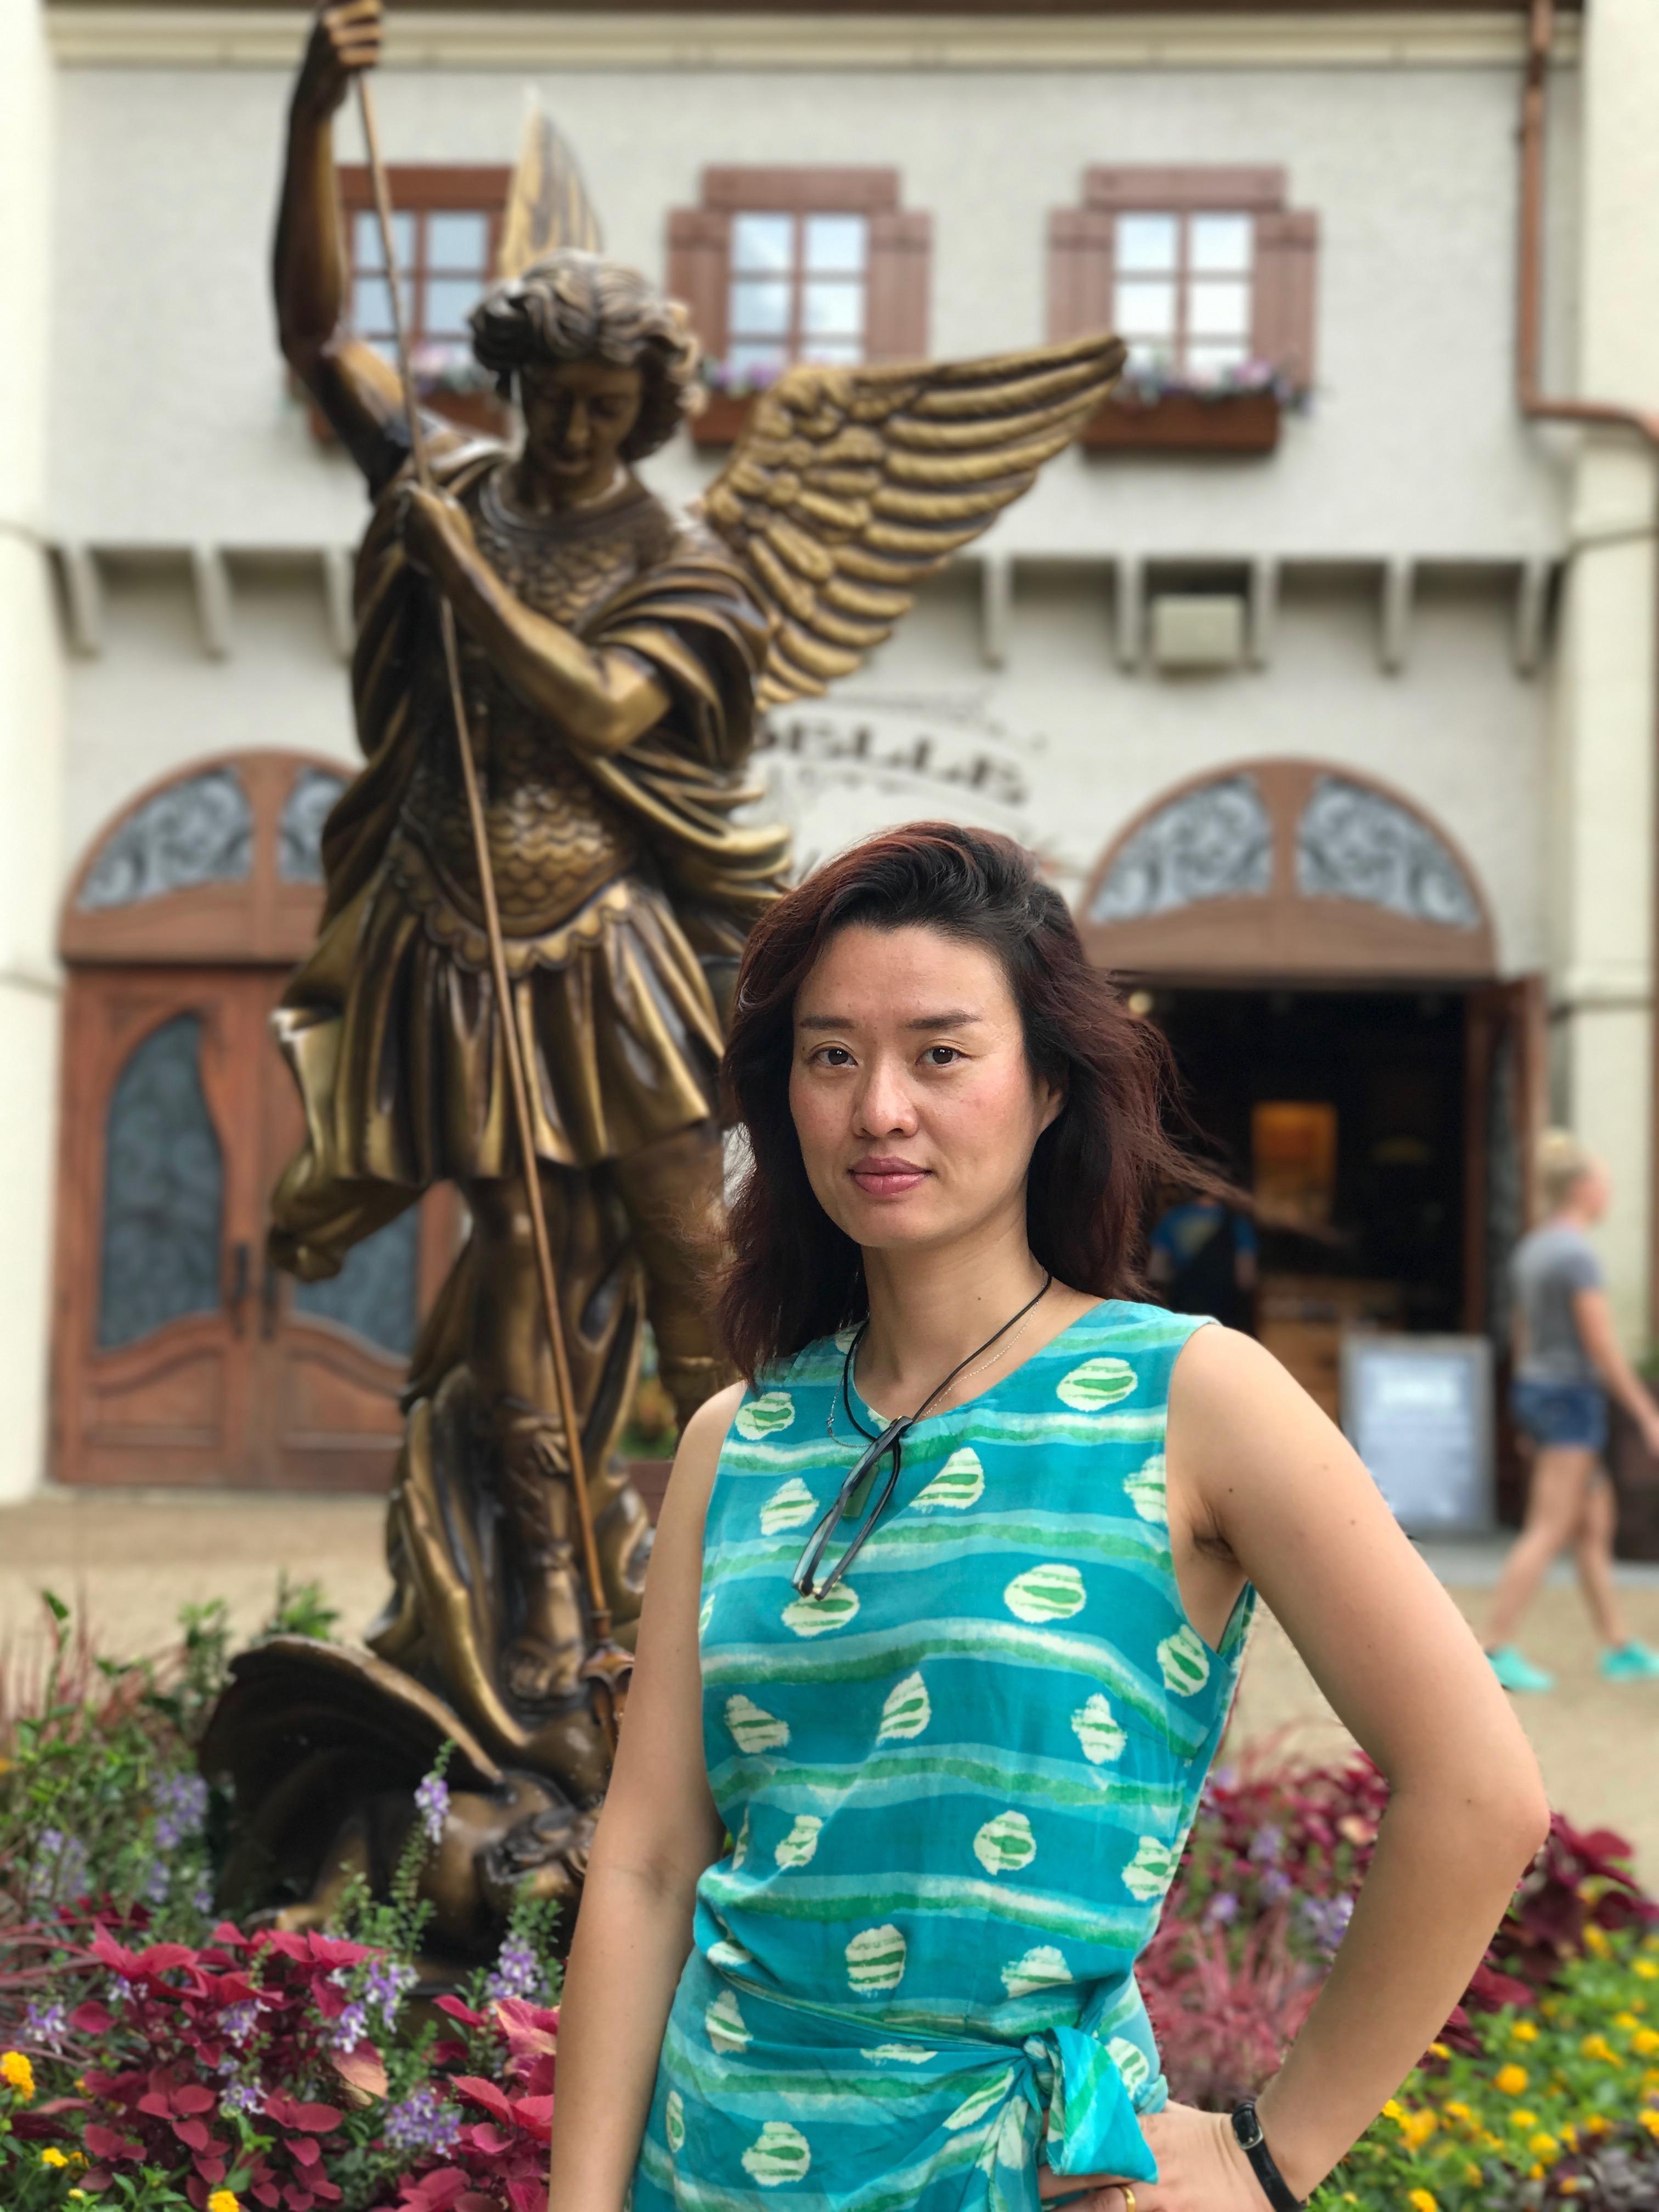 About Daphne Yao